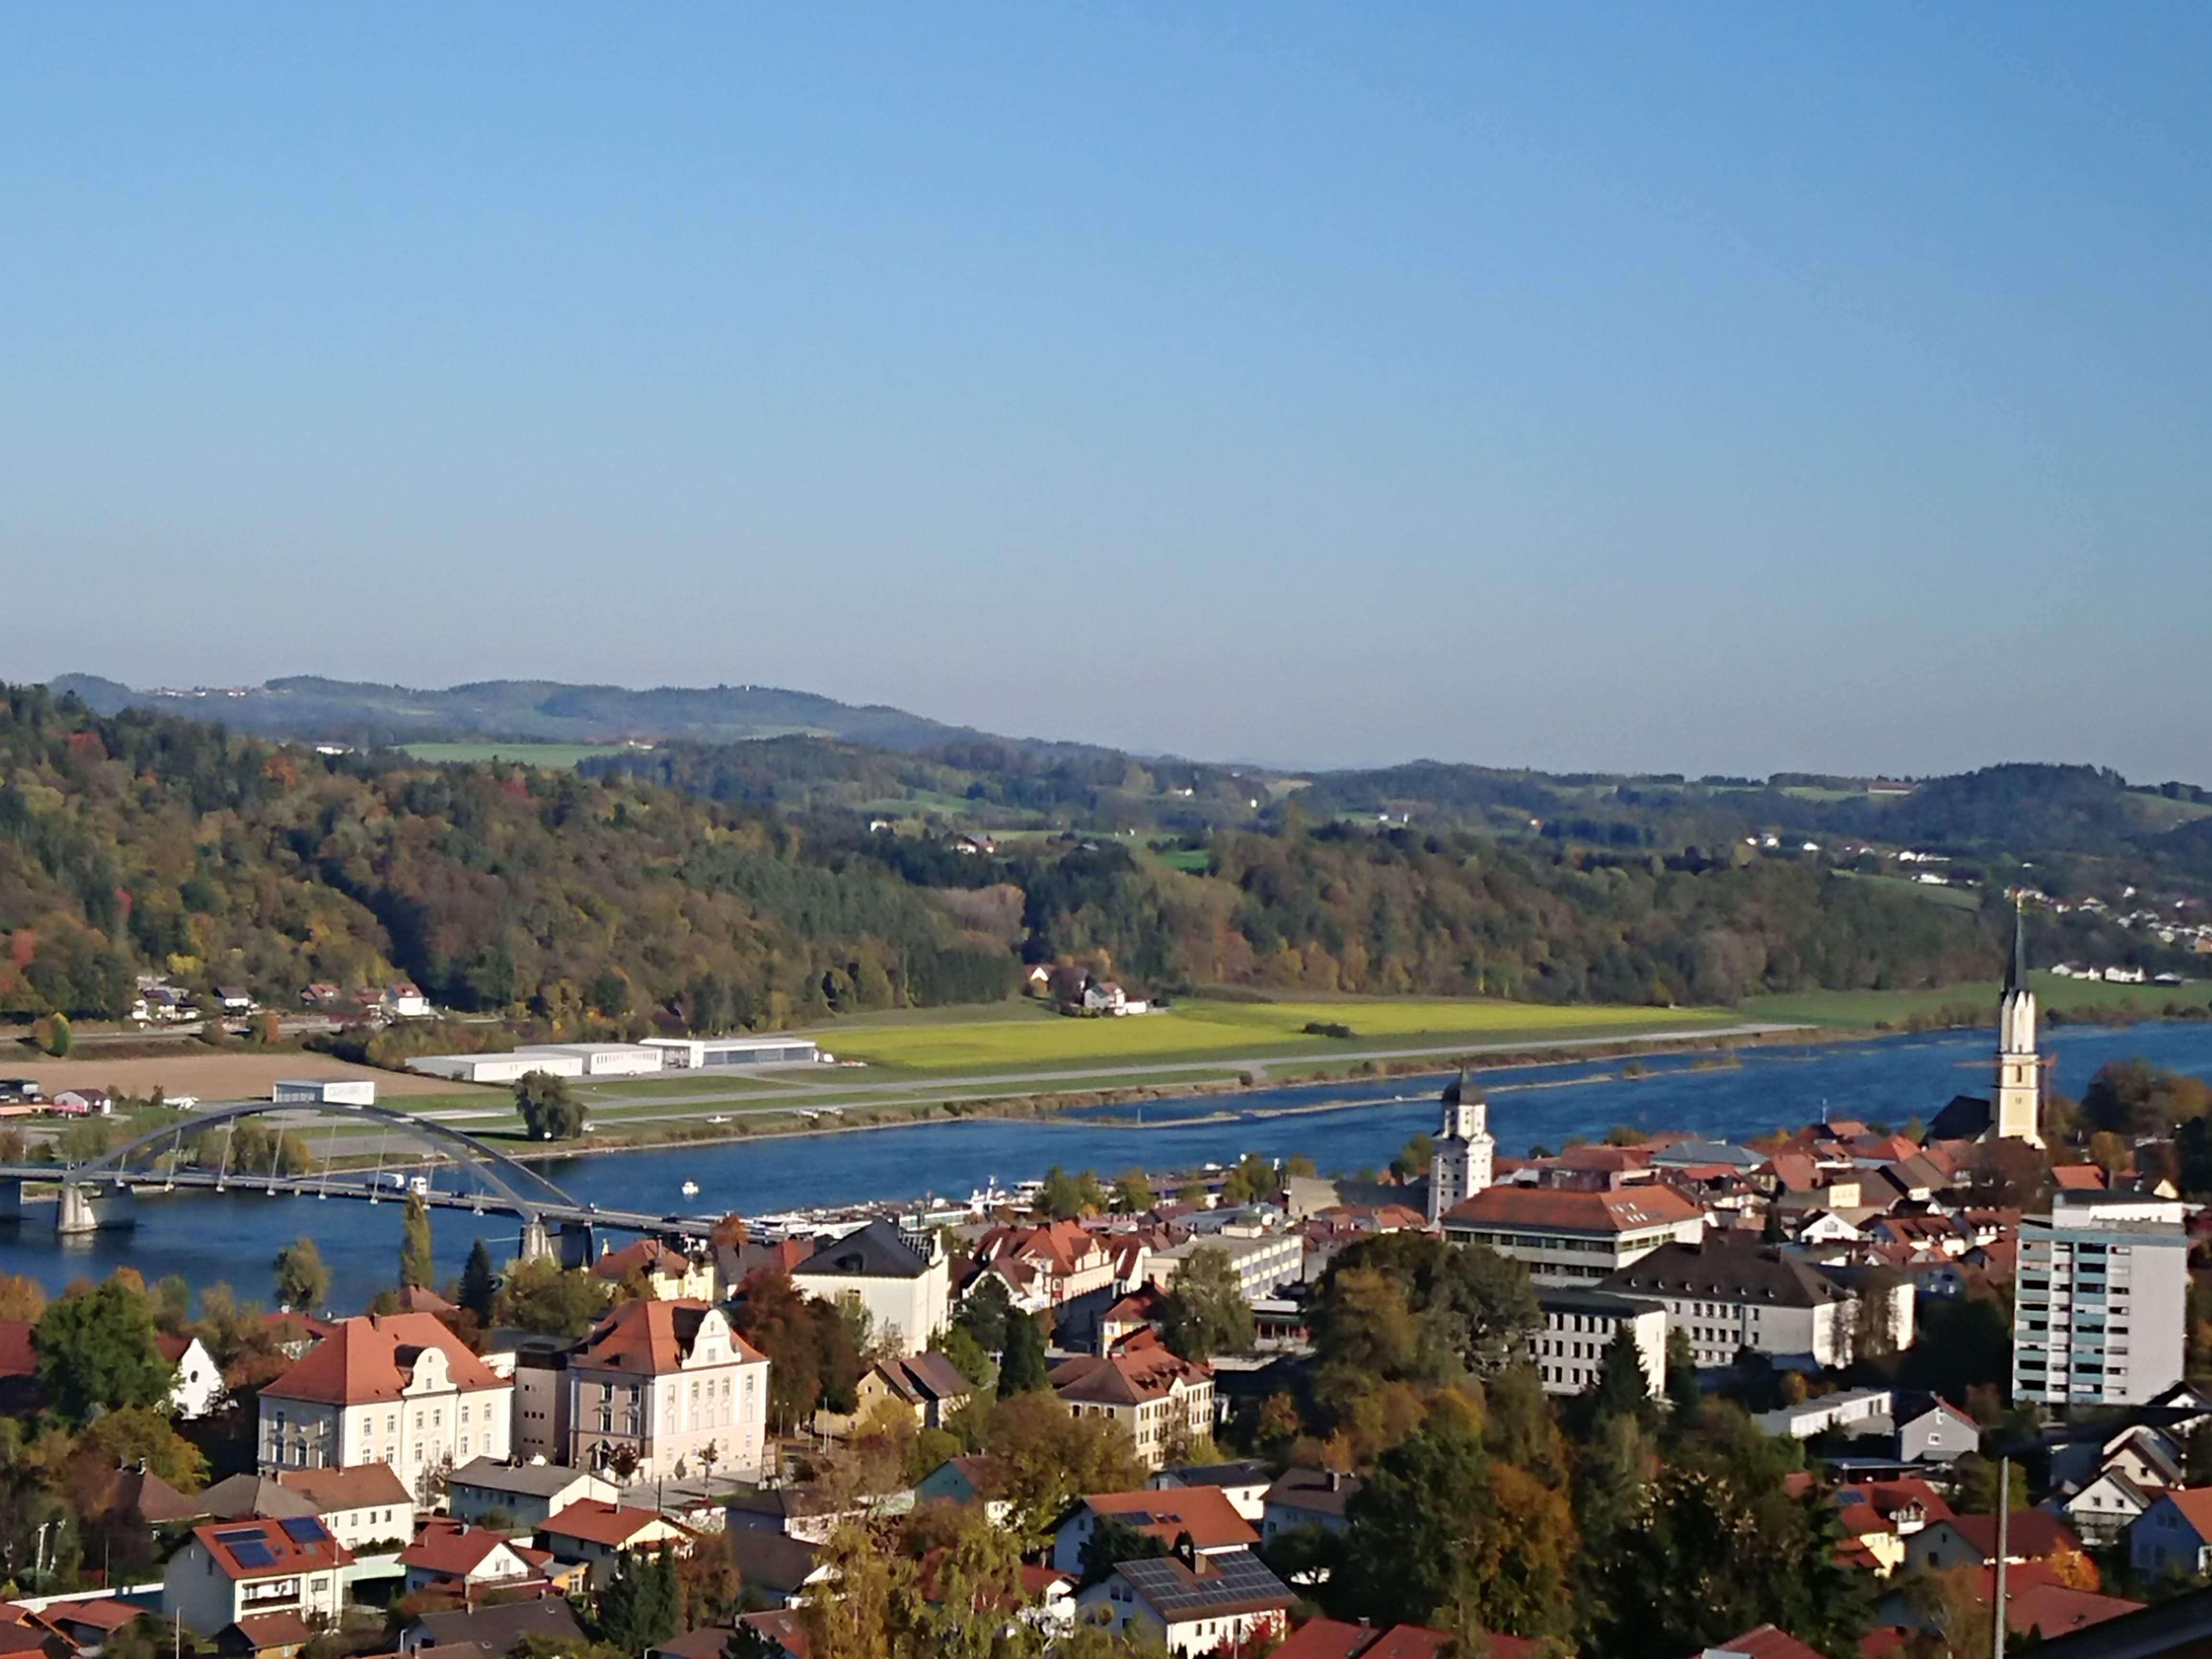 7-Zi-Wohnung OG+DG mit Dachterrasse, EBK, 2 Balkone und noch mehr in Vilshofener Traumlage